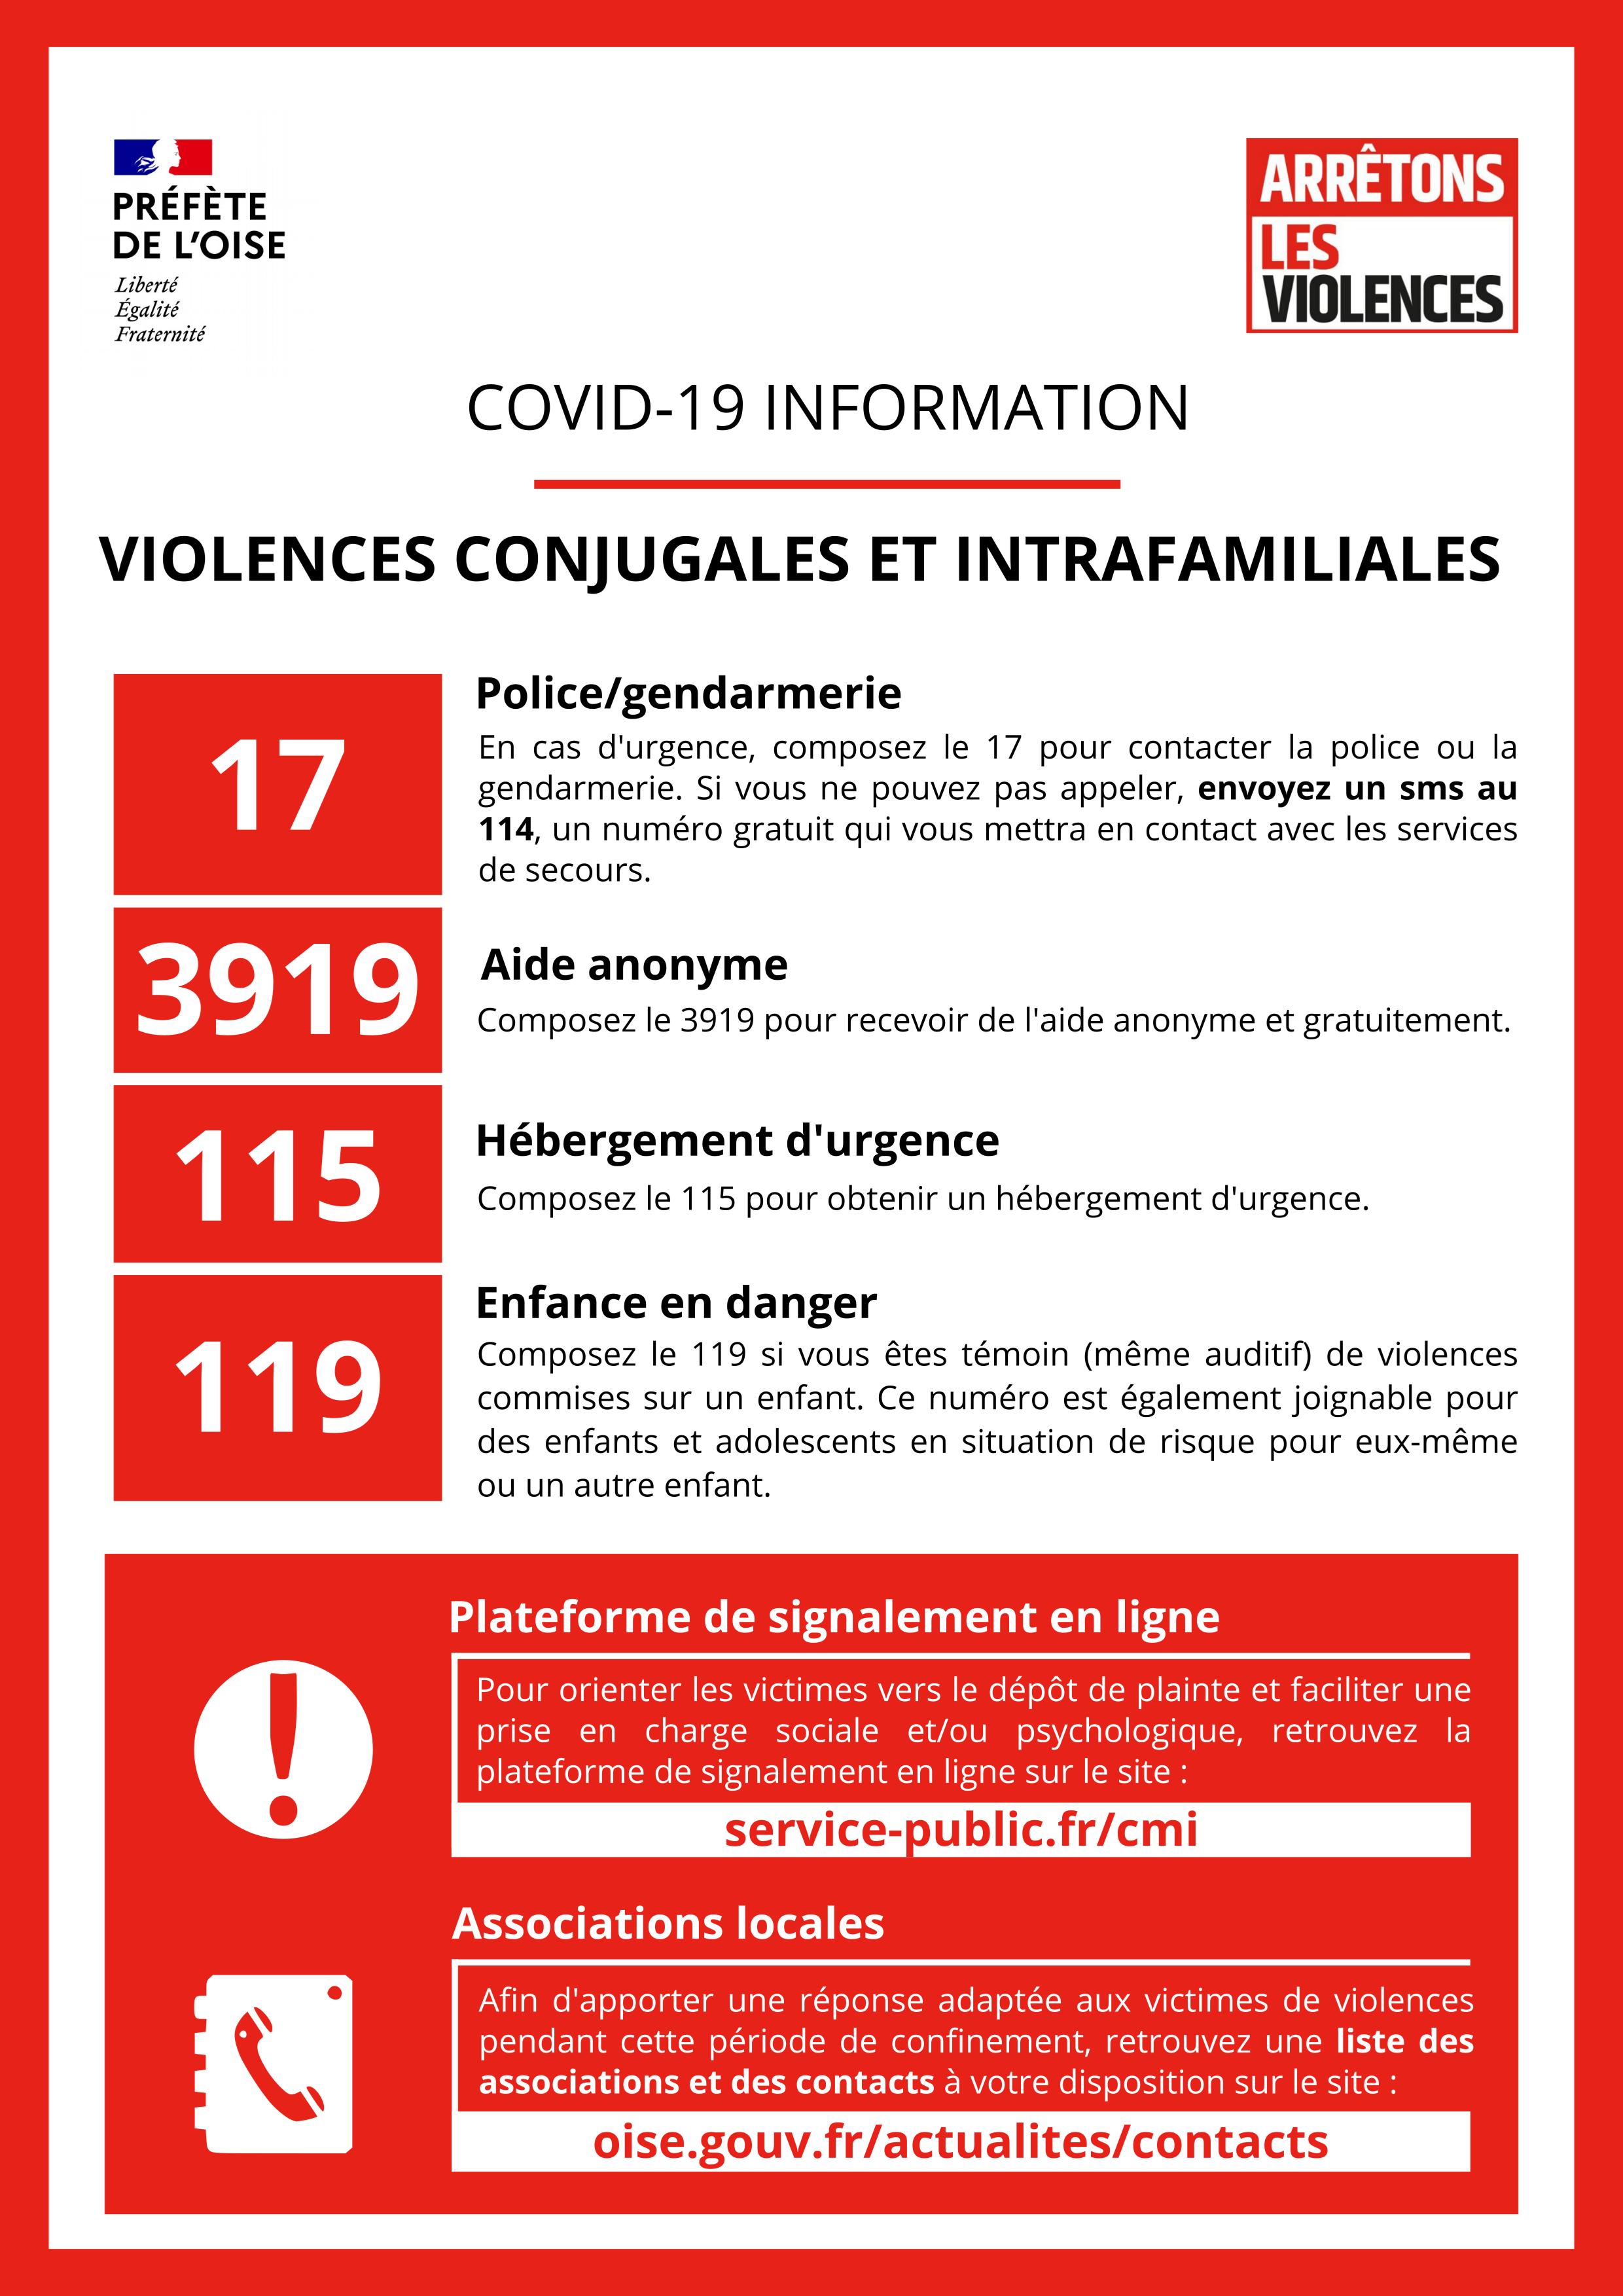 https://www.oise.gouv.fr/var/pref60_site/storage/images/media/images/affiche-violences-conjugales/374198-4-fre-FR/Affiche-violences-conjugales.png